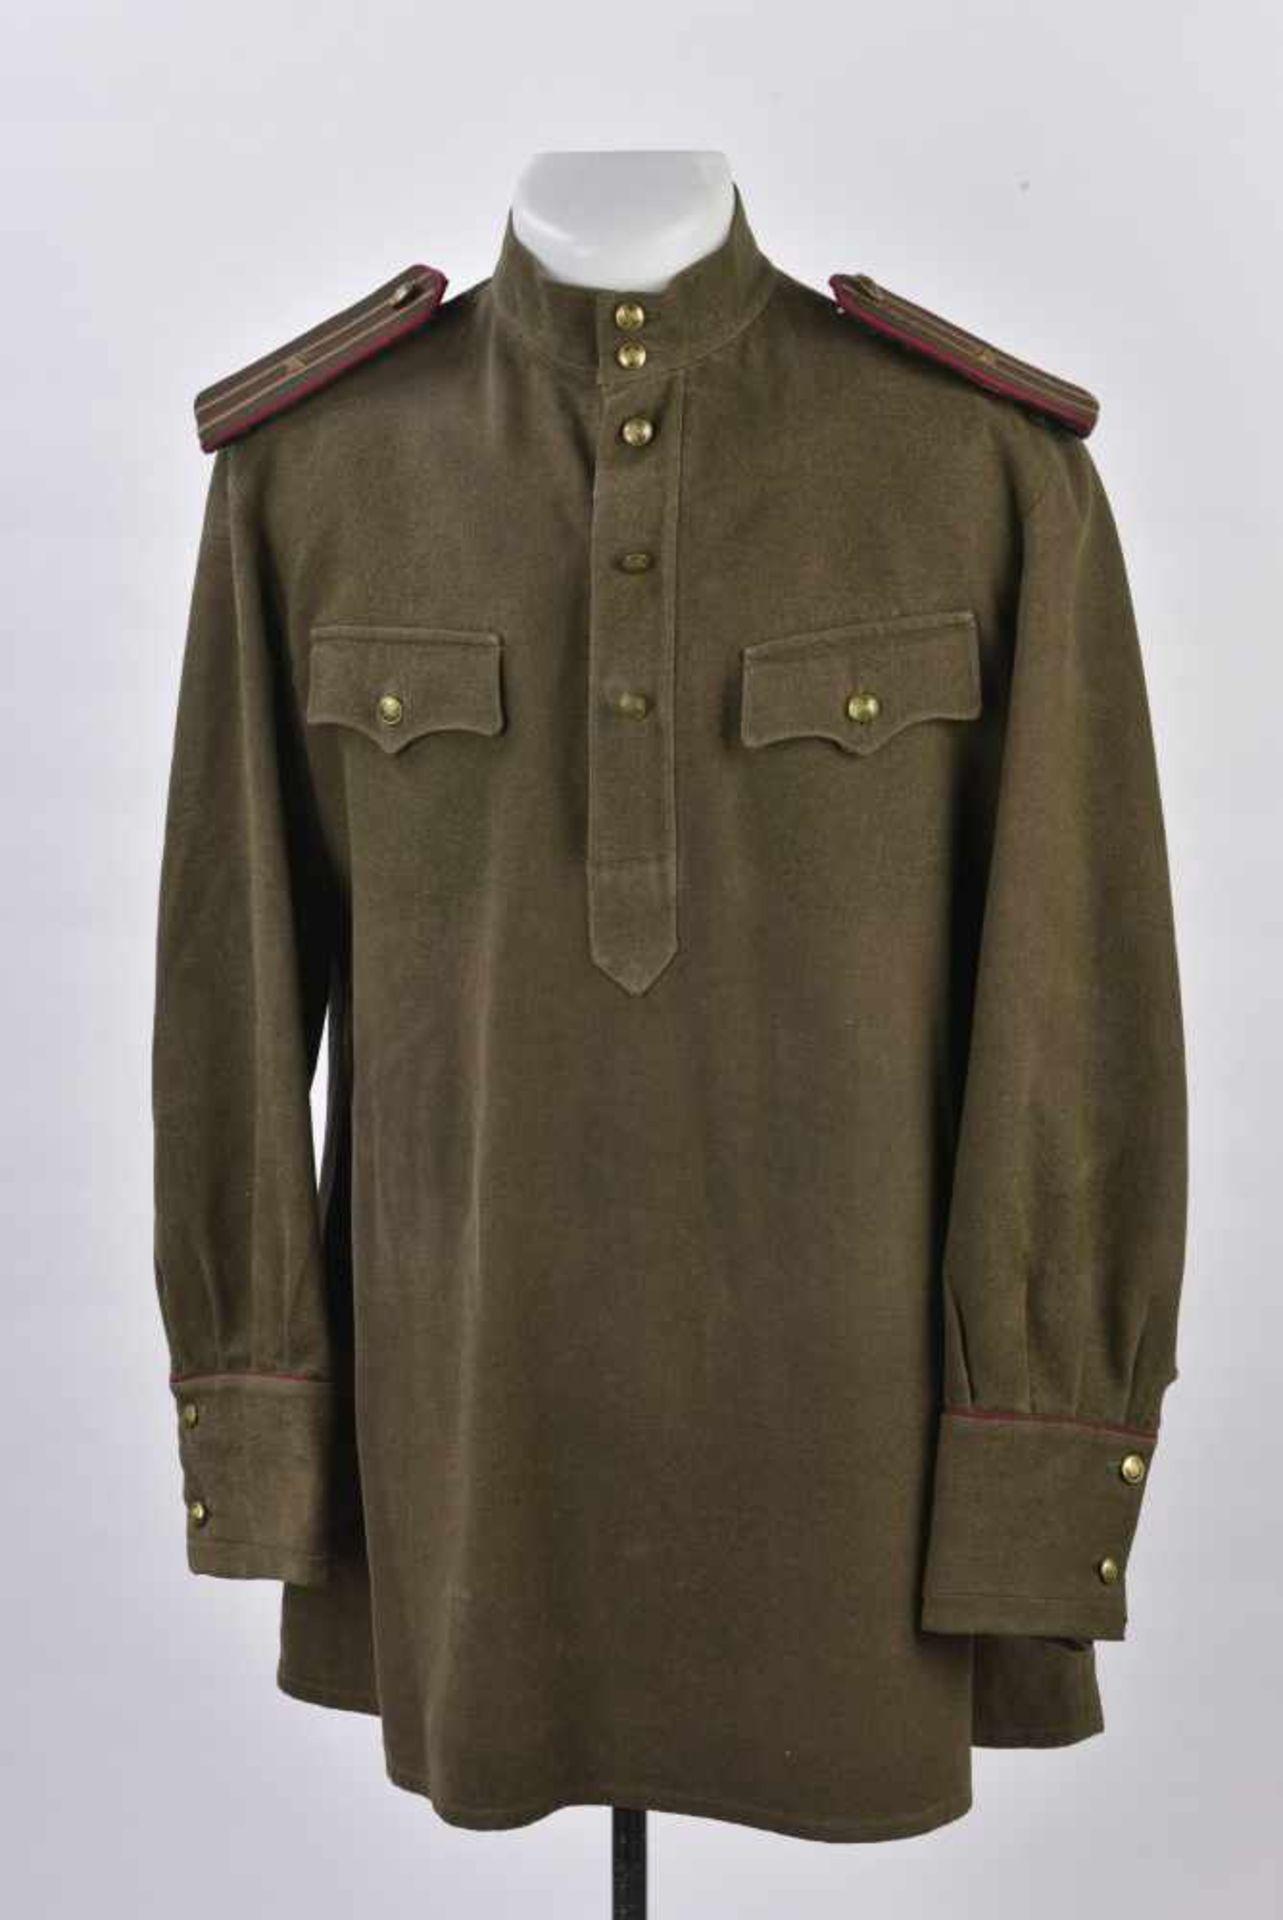 Gymnasterka M.35/43 d'un Colonel de l'infanterie Le col rabattu a été modifié en col droit,